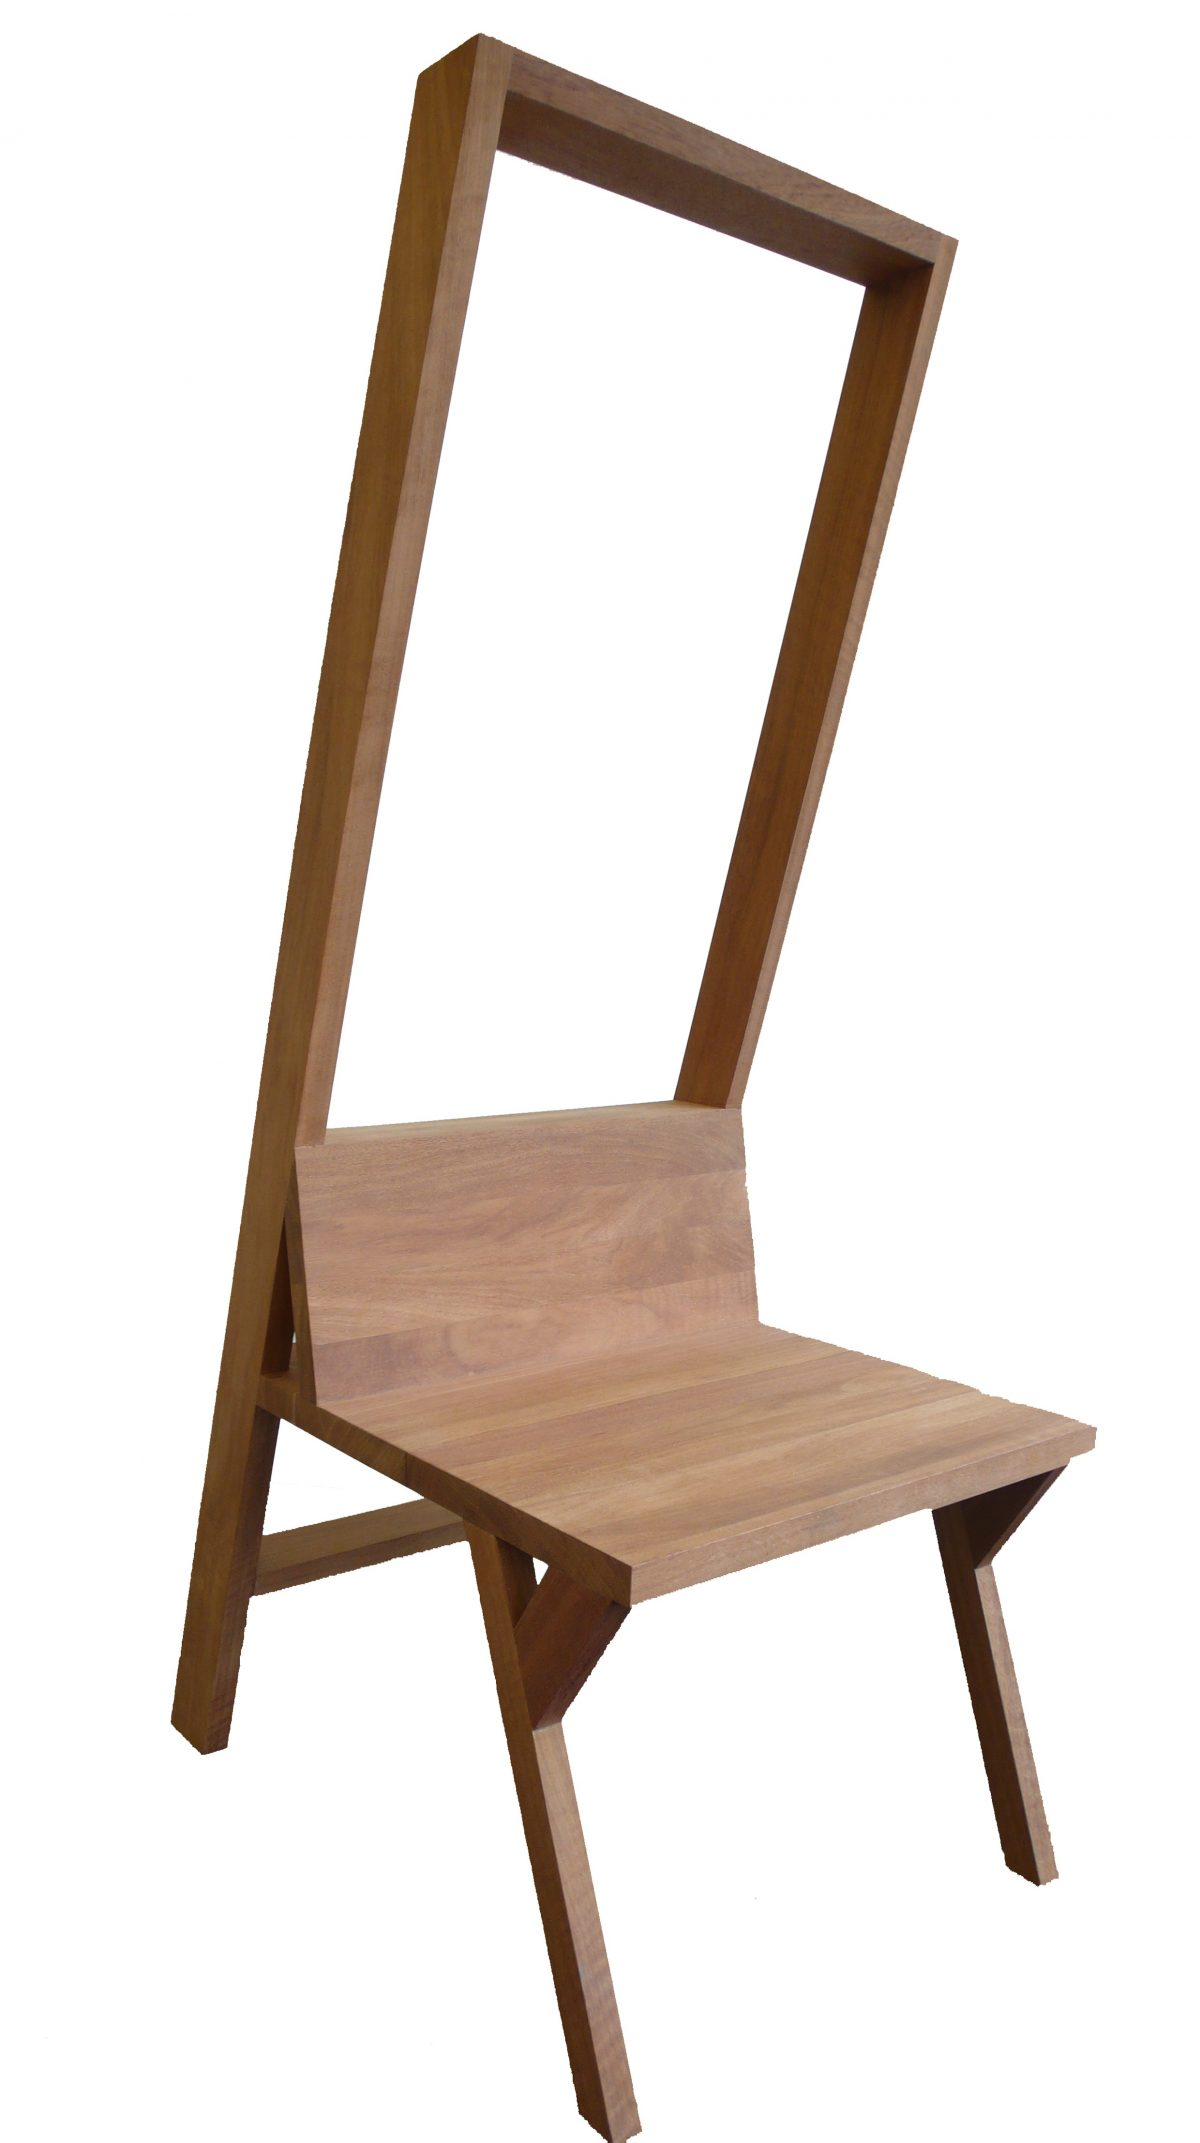 Stepladder chair schuin voor -Jolanda van Goor